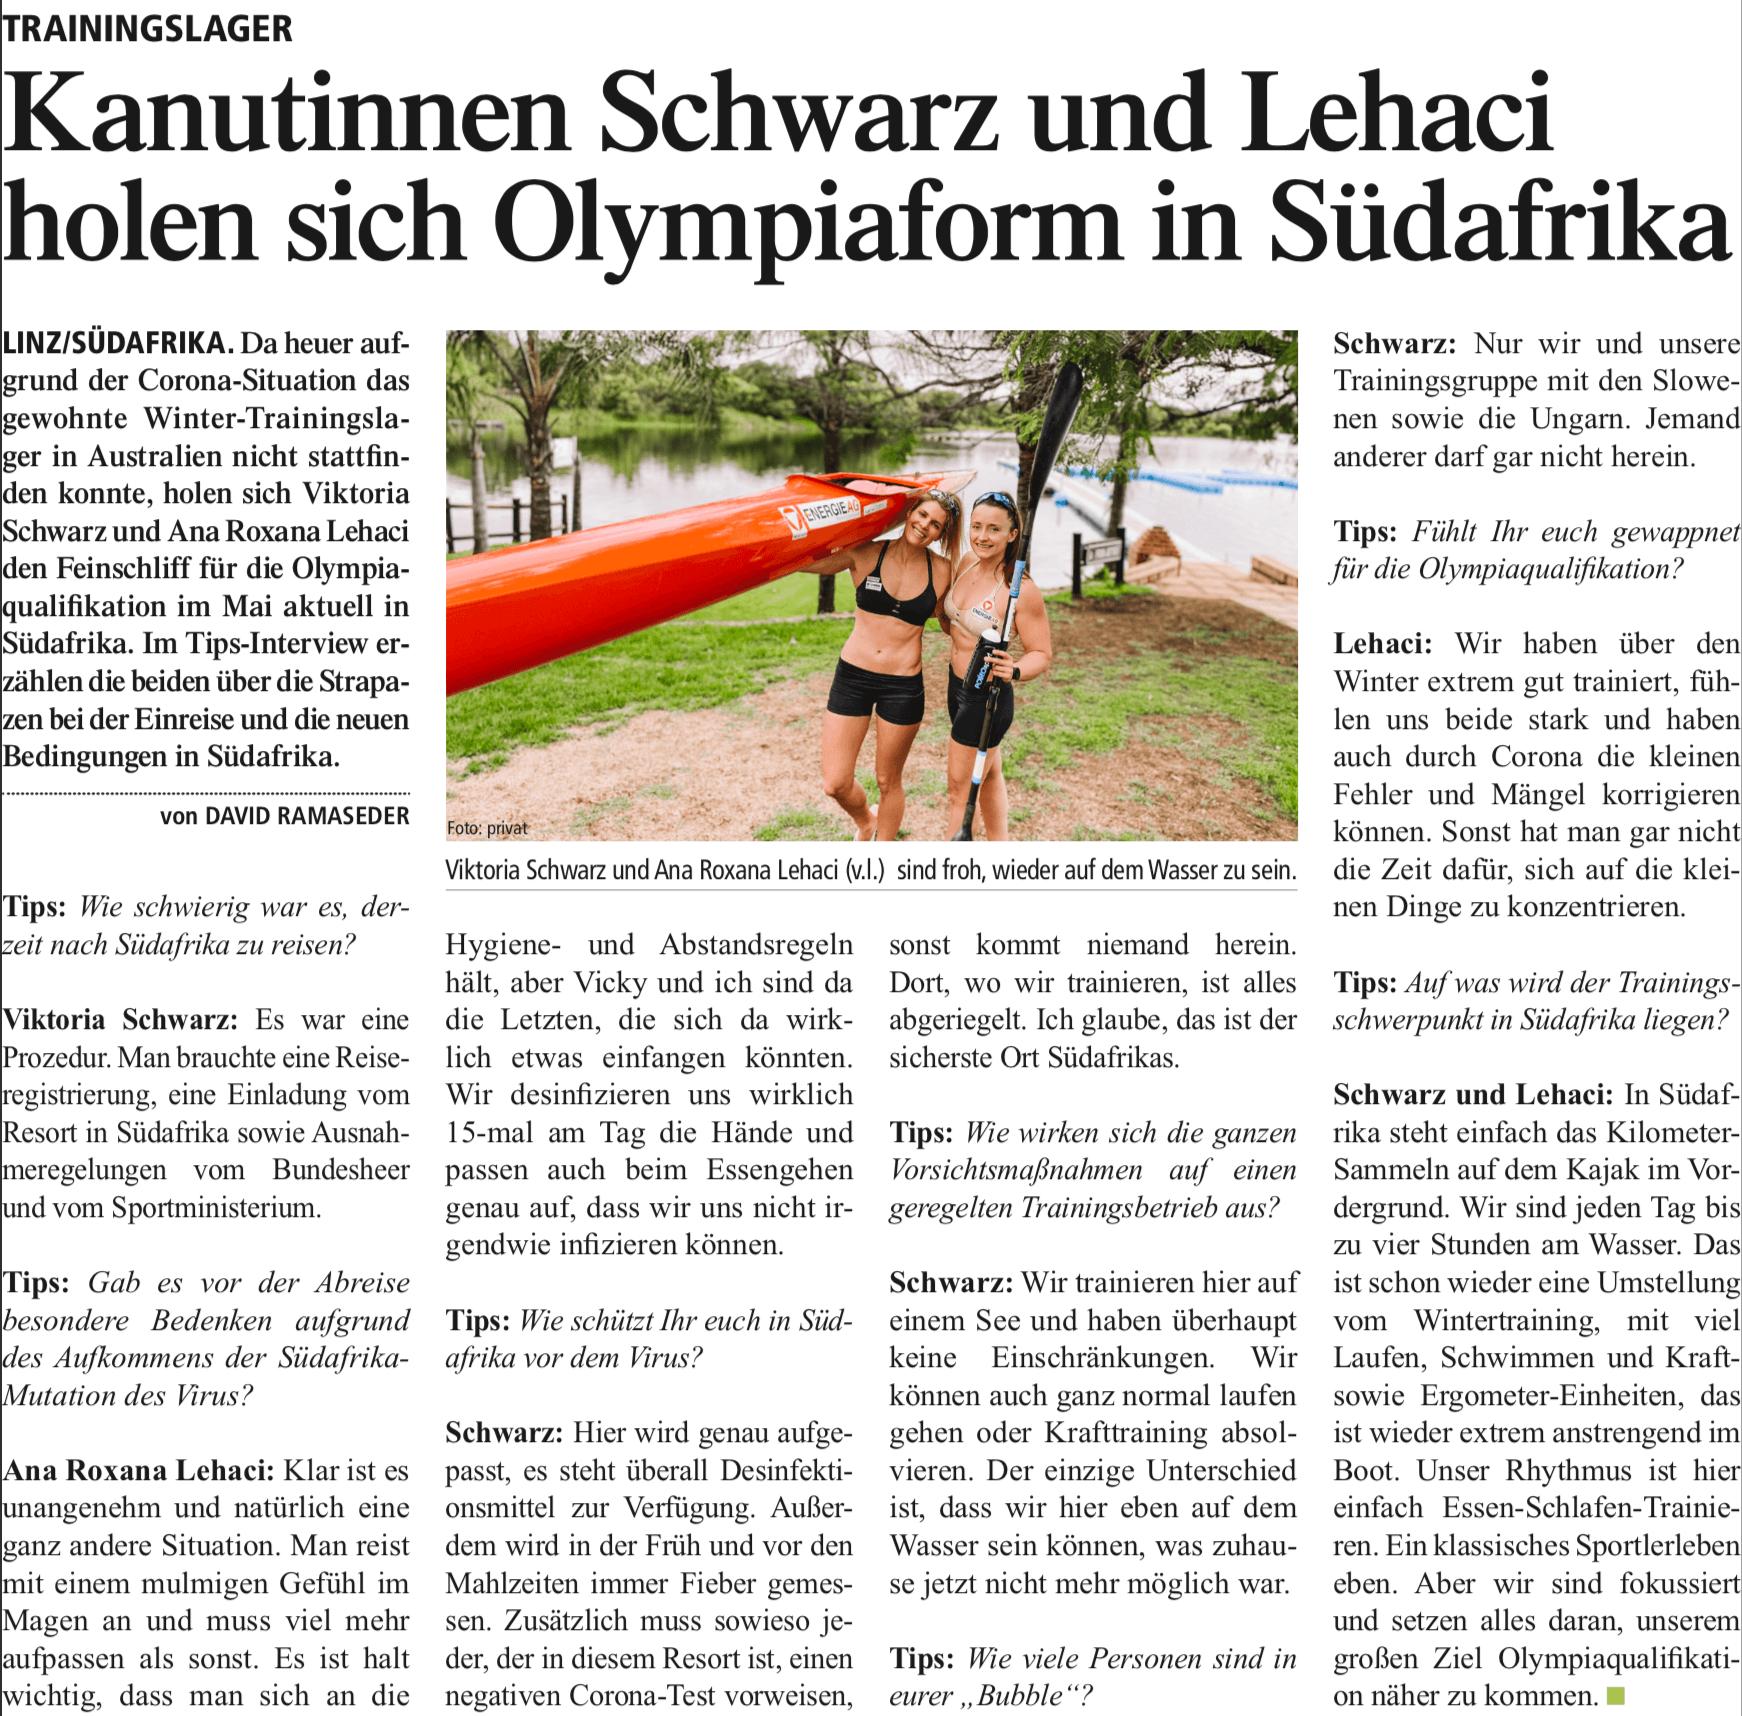 Kanutinnen Schwarz und Lehaci holen sich Olympiaform in Südafrika